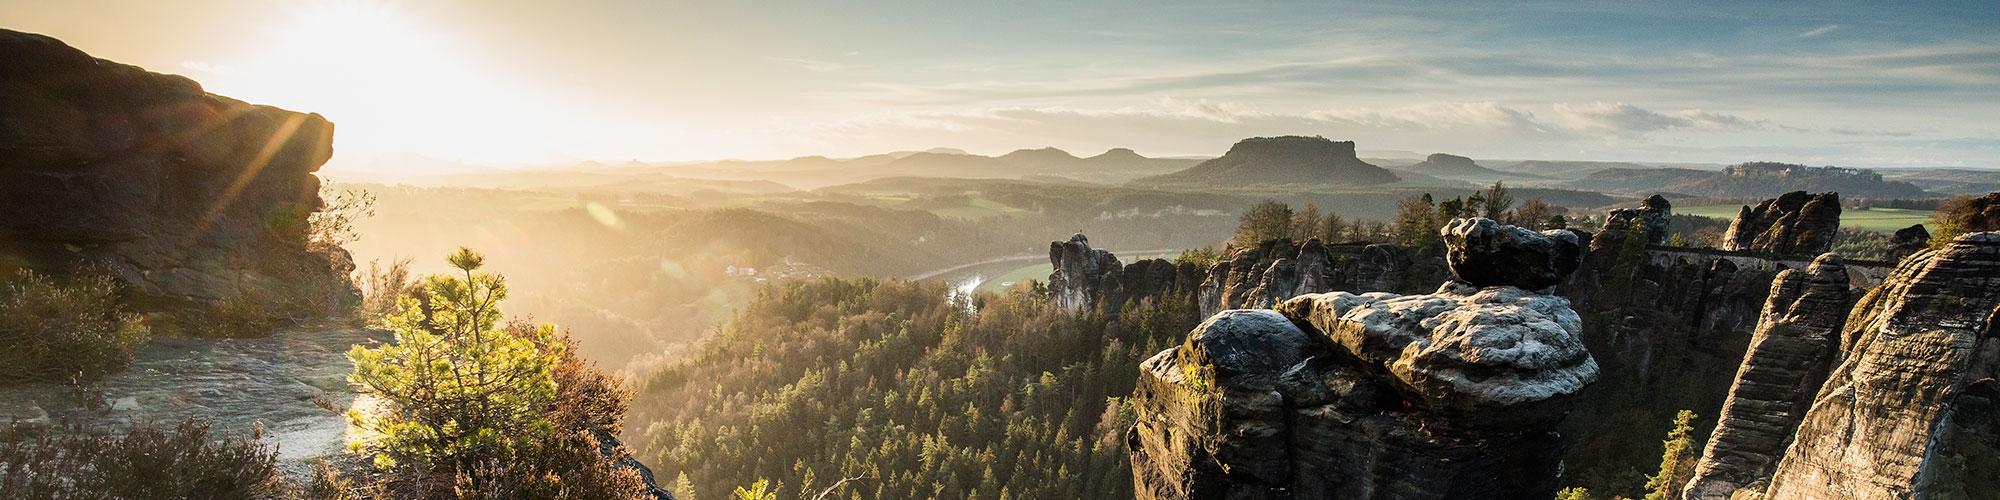 Sachsische Schweiz - Duitsland - fotoreis - ©Bob Luijks